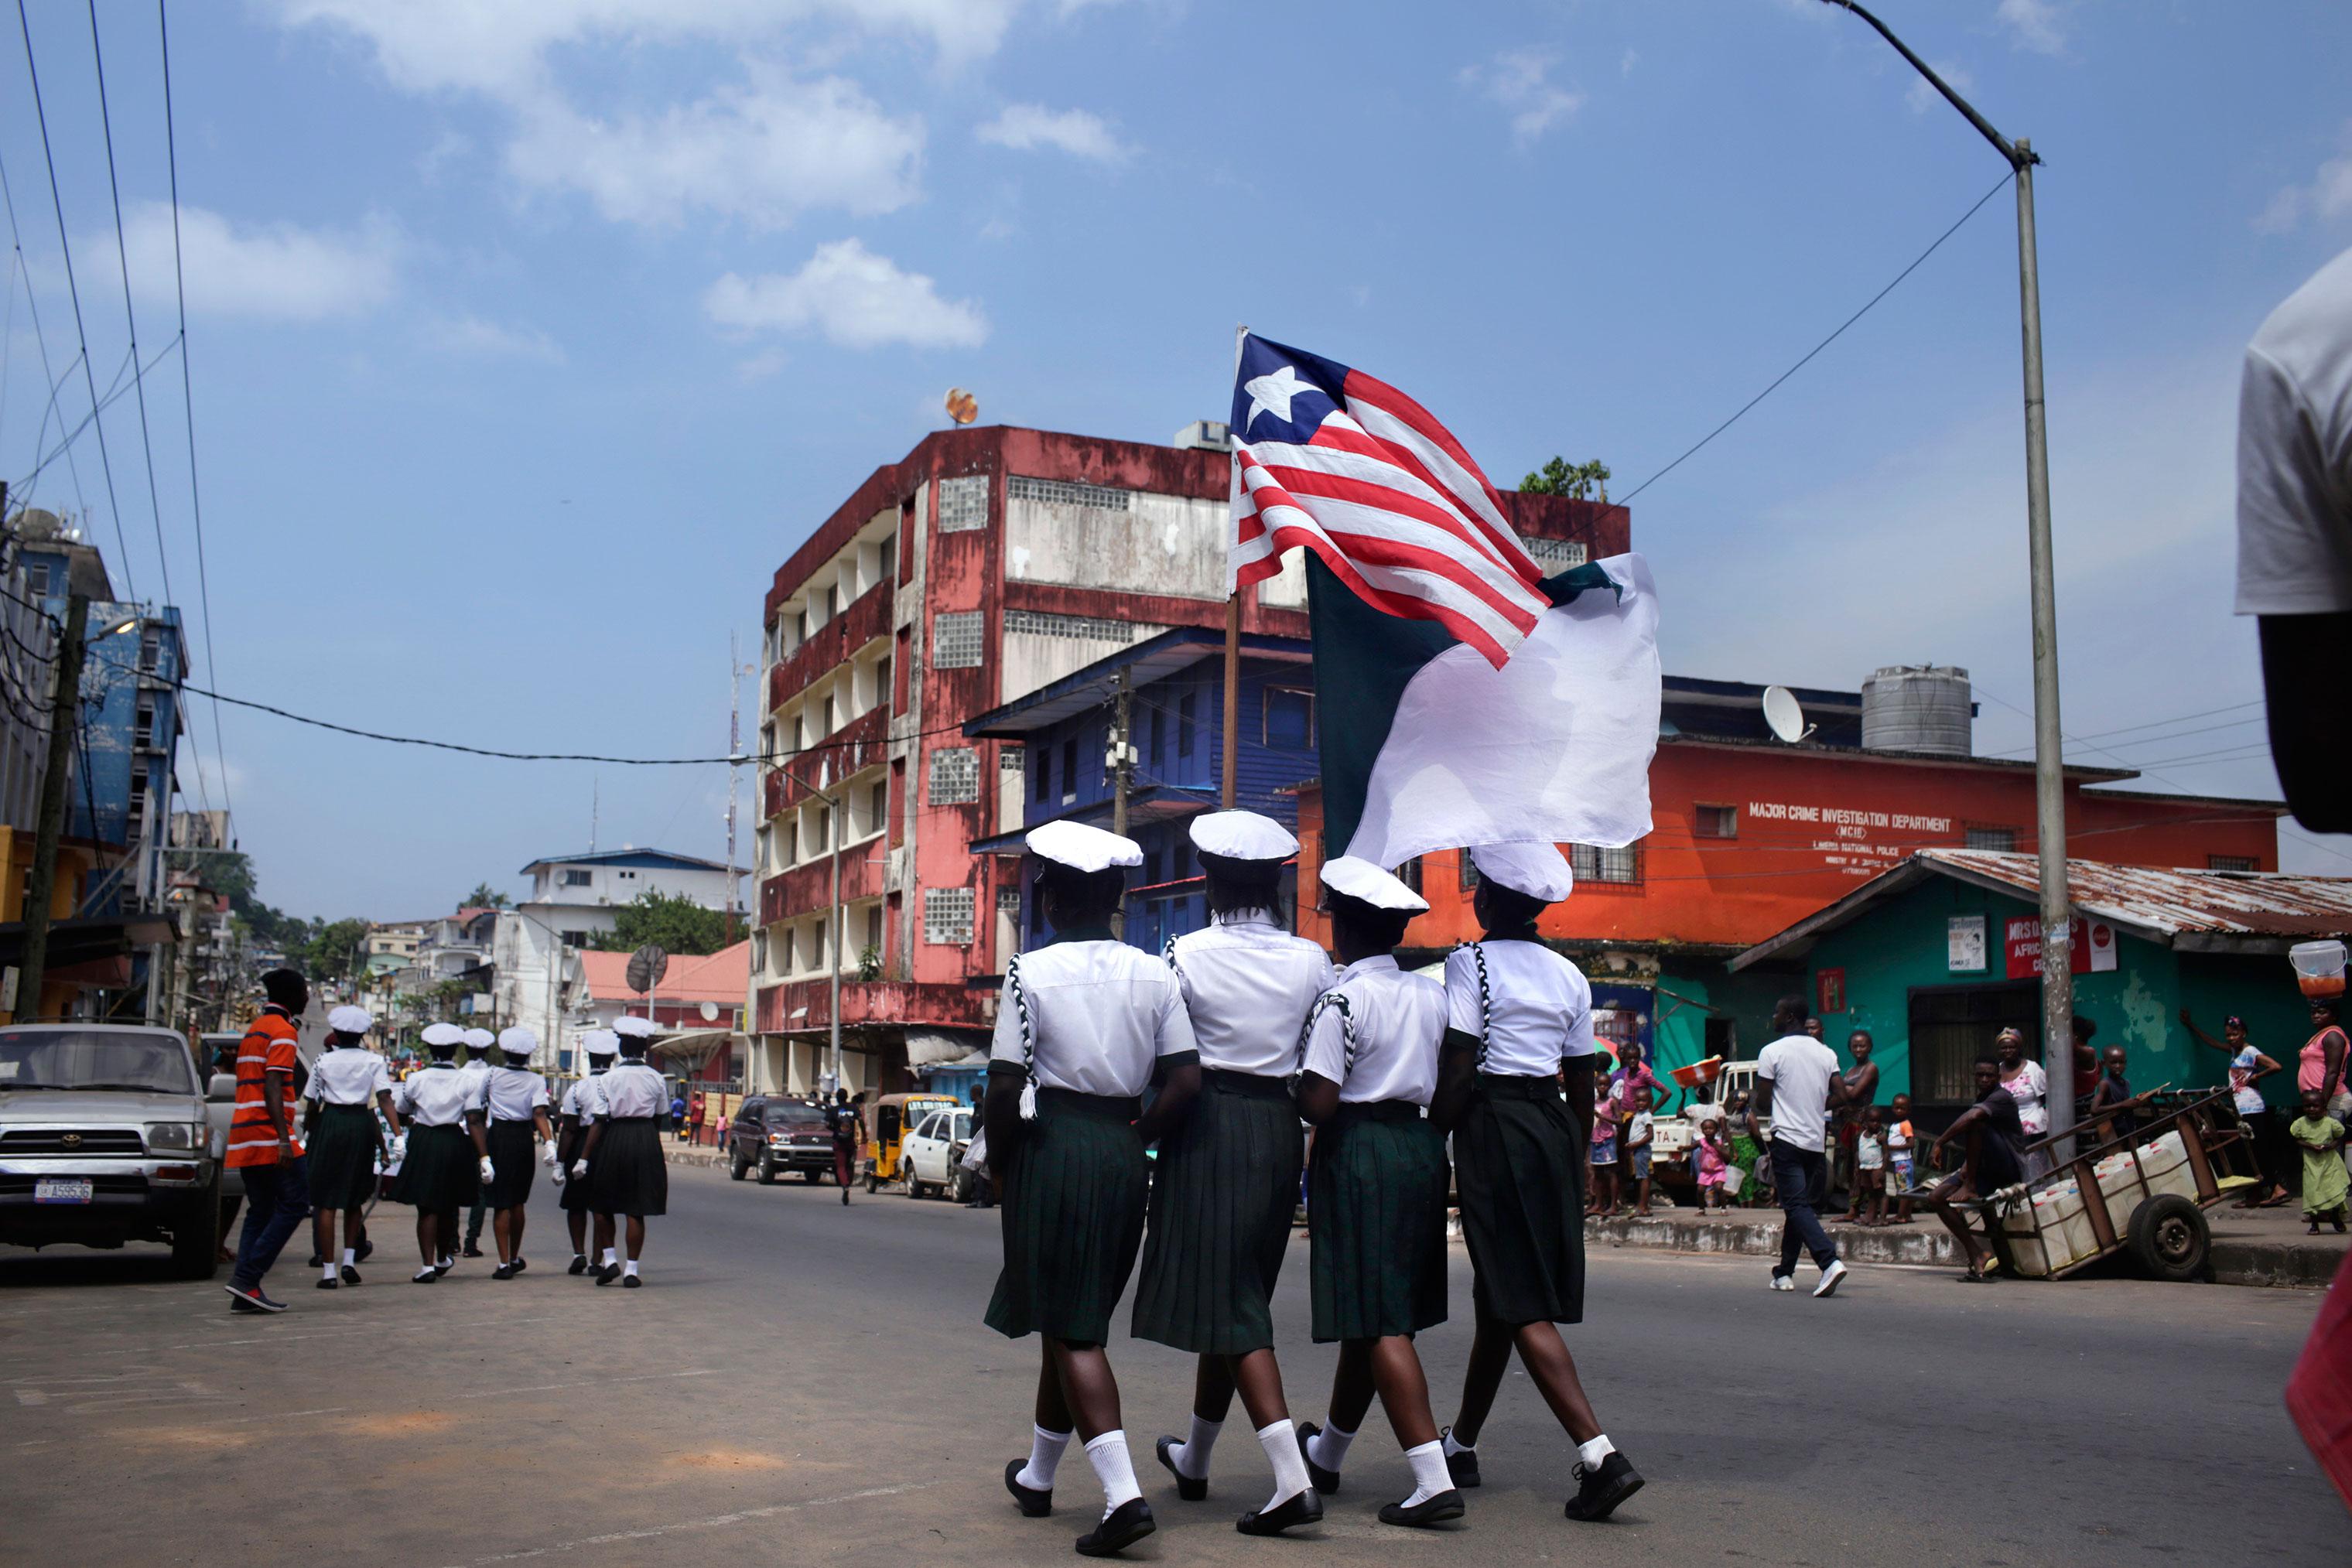 A parade in Monrovia.